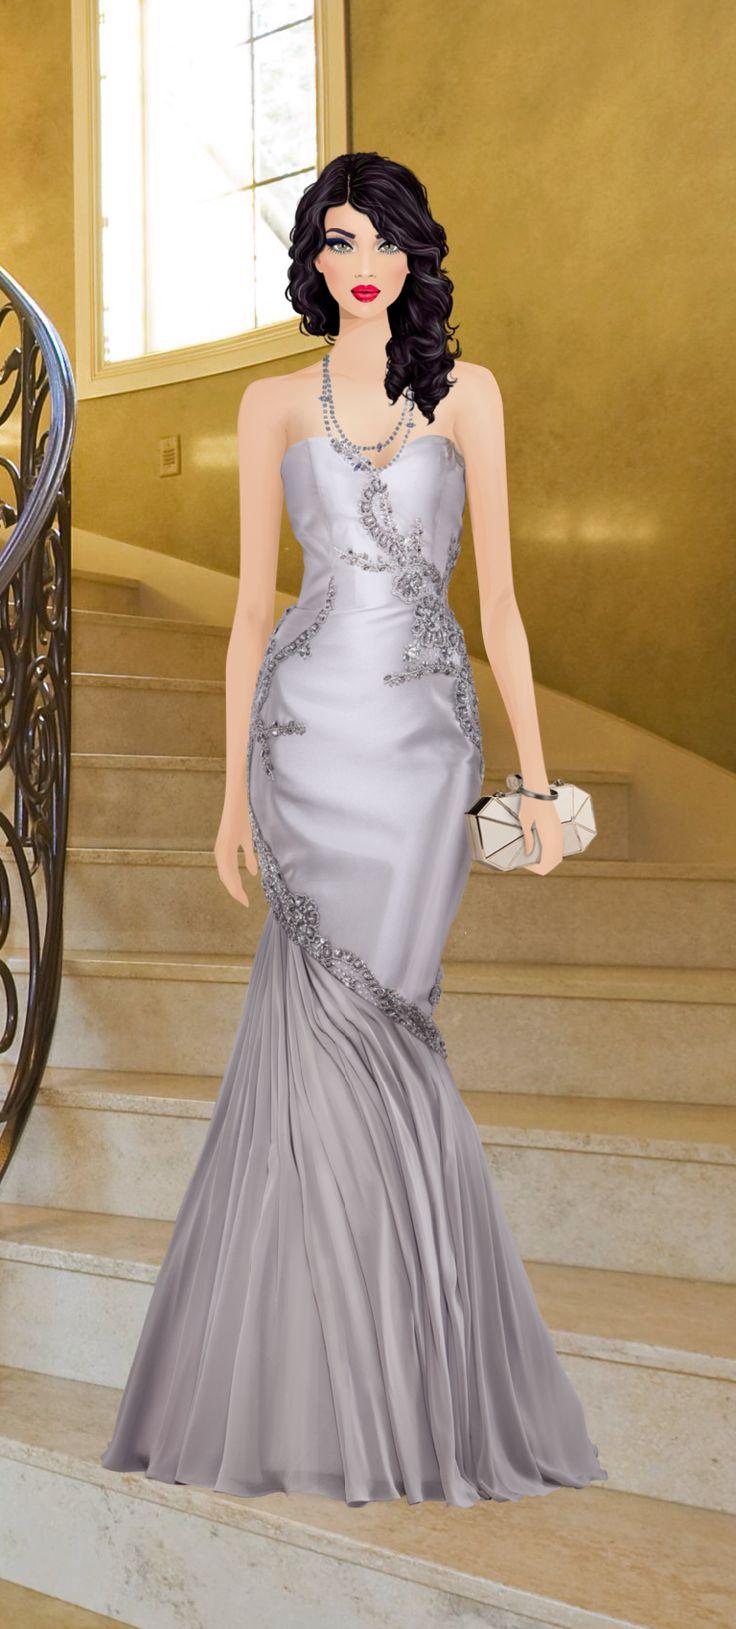 Covet Fashion Game #Covet fashion diamond#buy covet fashion diamond on http://www.cocgems.com/ios-game/covet-fashion-diamonds.html